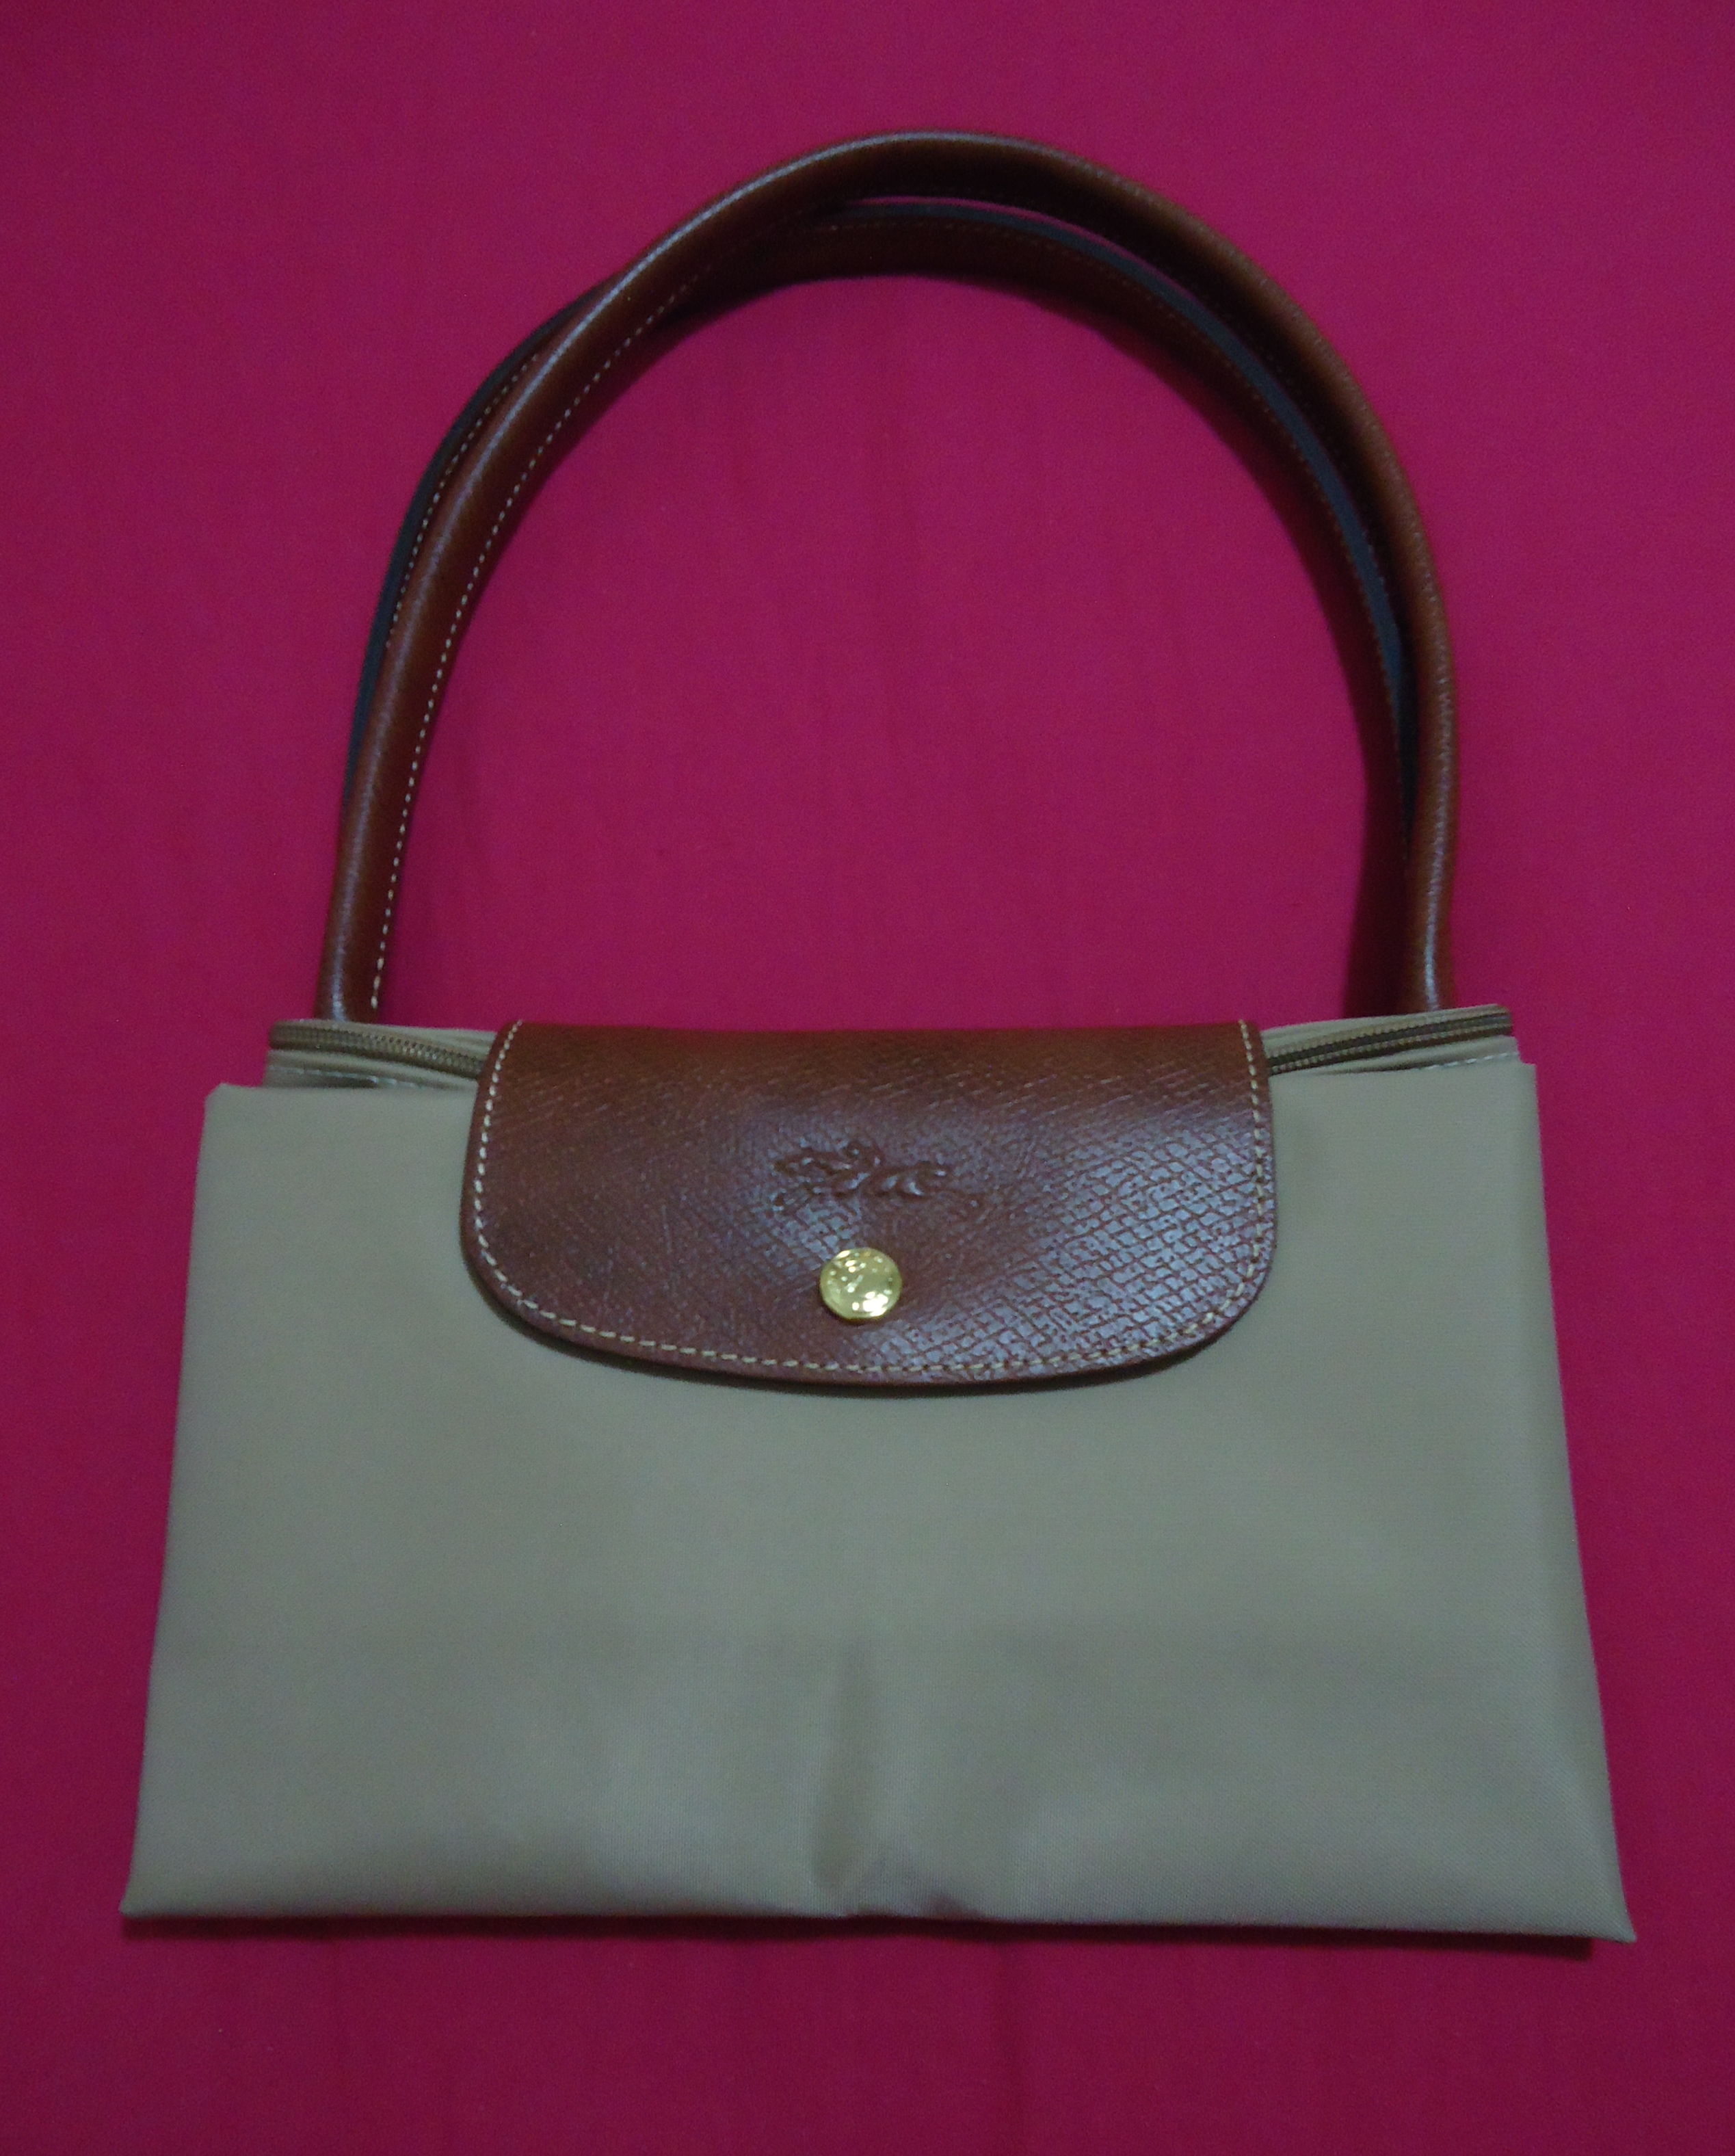 Bolsa Le Pliage Nylon - Longchamp